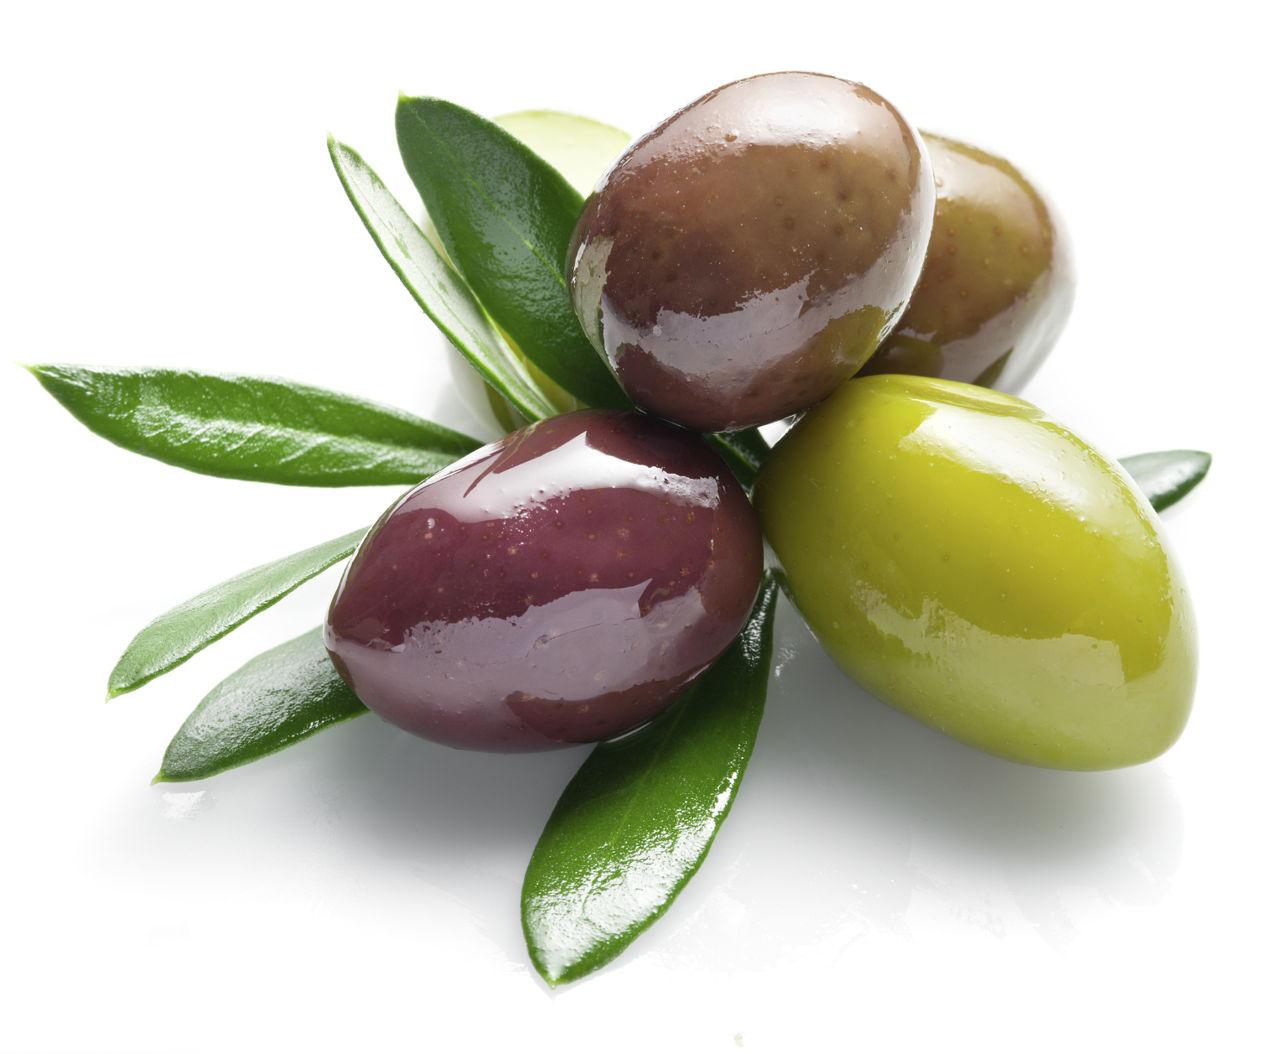 O sumo do sabor está presente como um toque especial no seu paladar